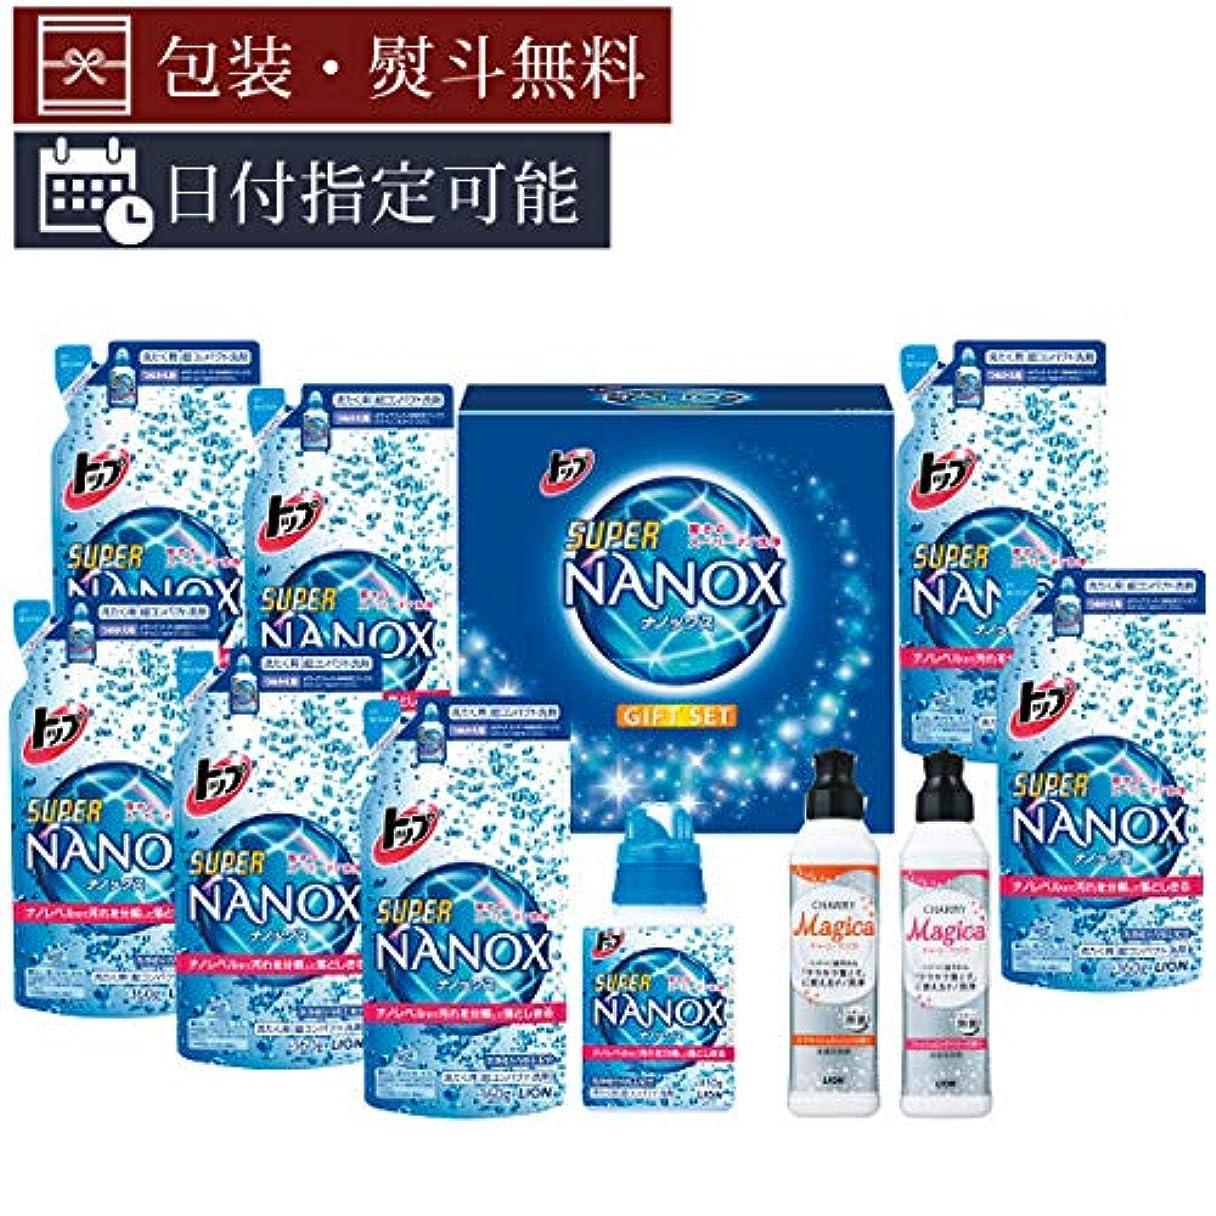 枯渇促進する薬用ライオン トップスーパーナノックスギフトセット【B倉庫】